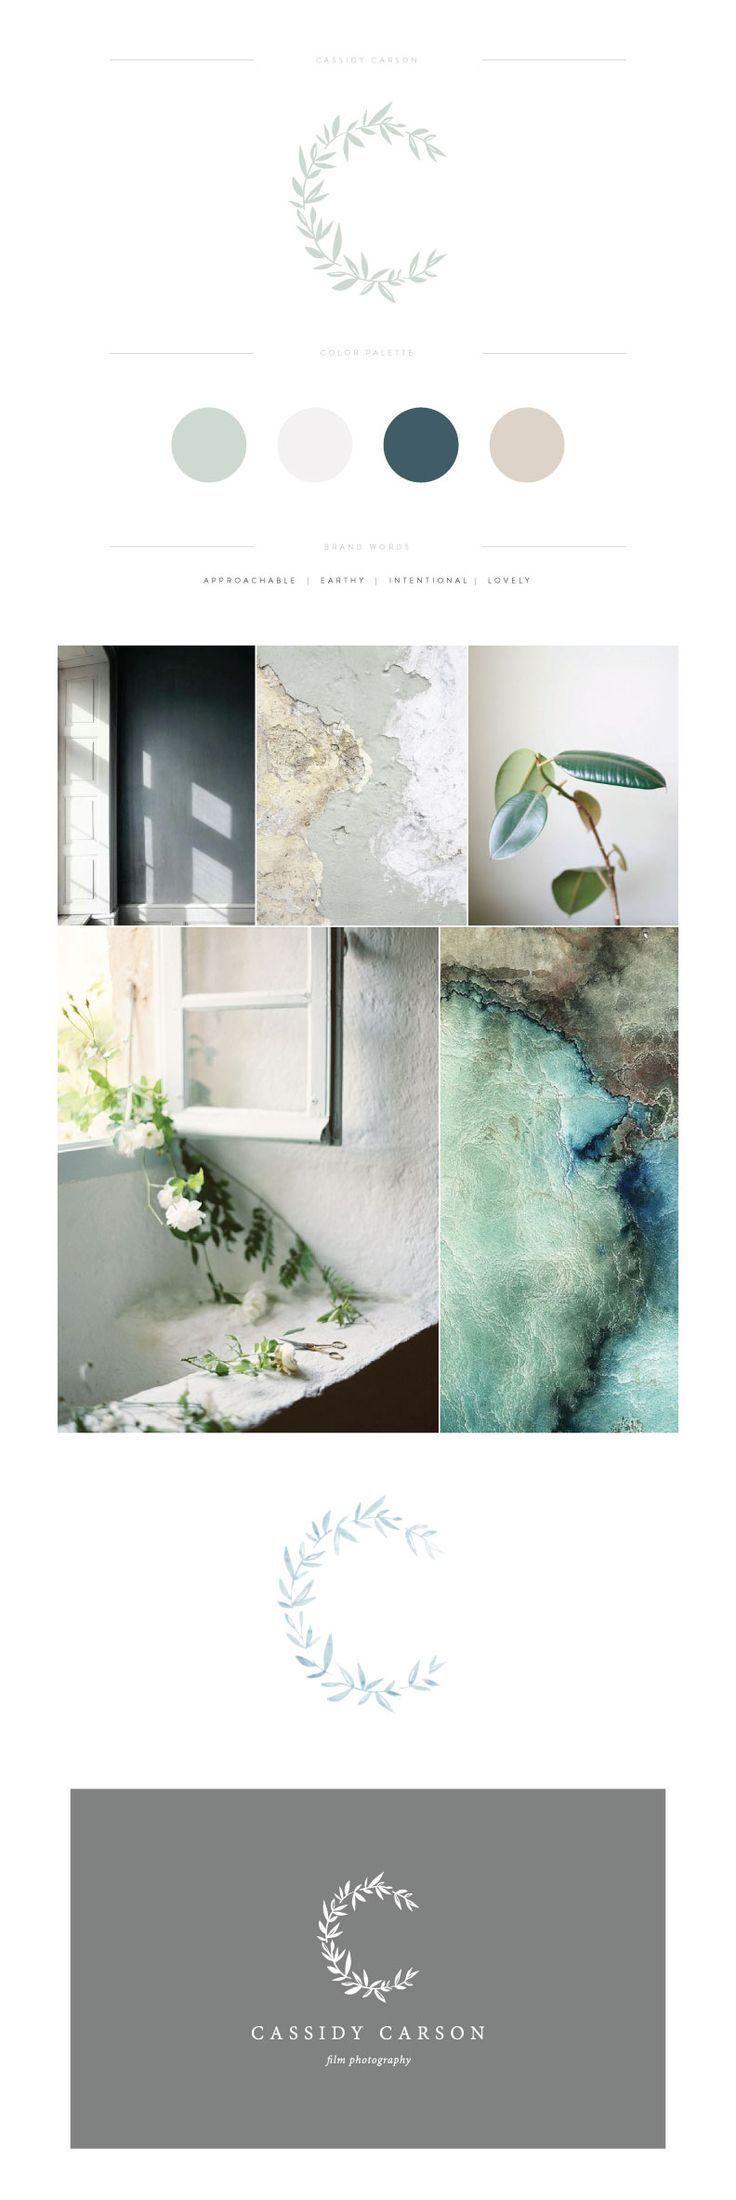 BLOG — Lauren Ledbetter Design & Styling